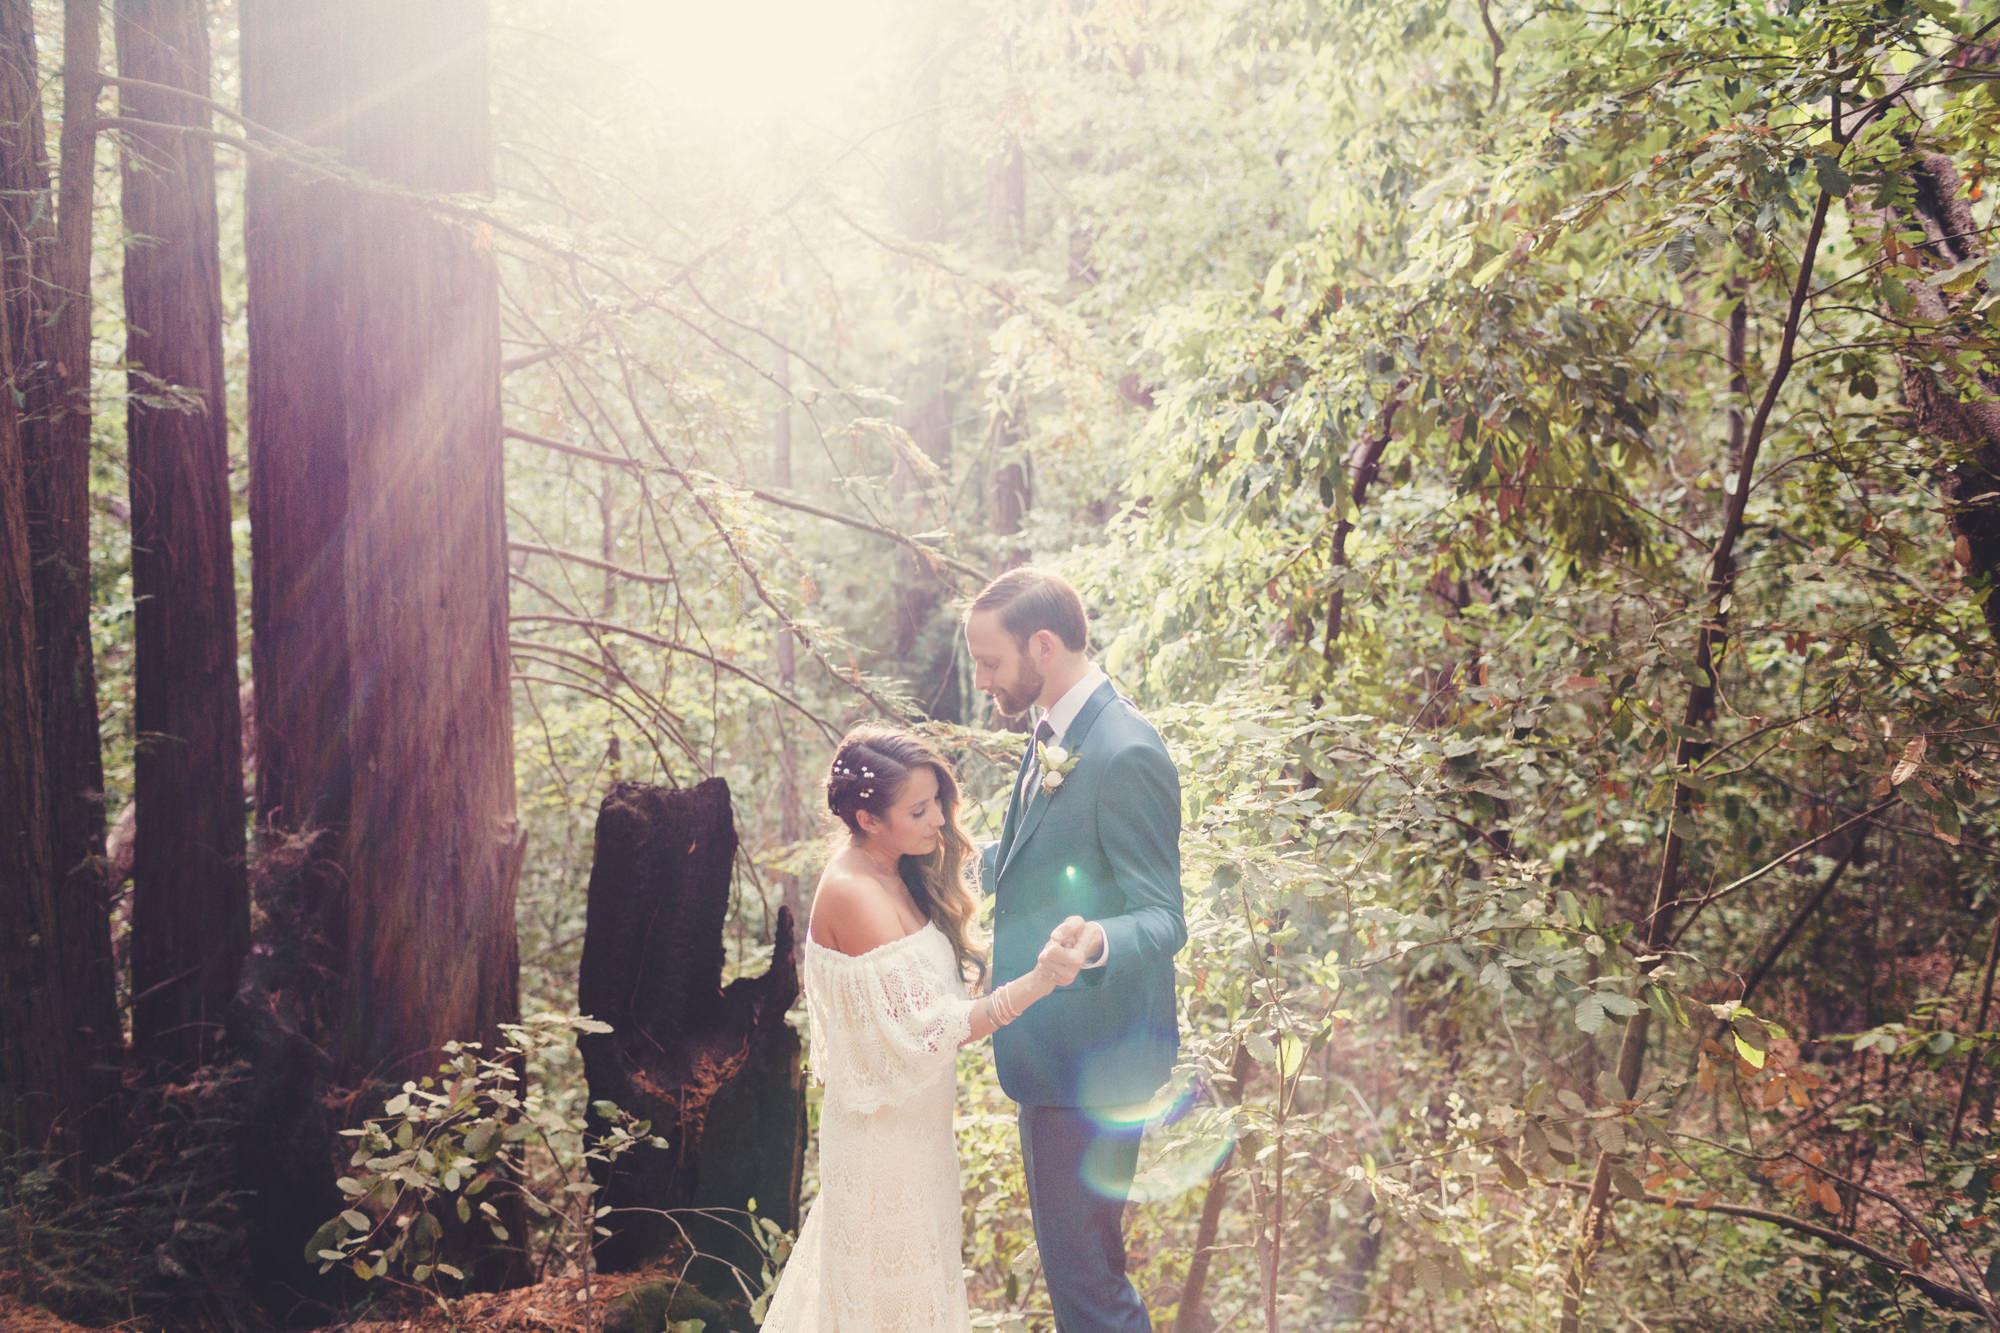 Sequoia Retreat Center Wedding@Anne-Claire Brun 102